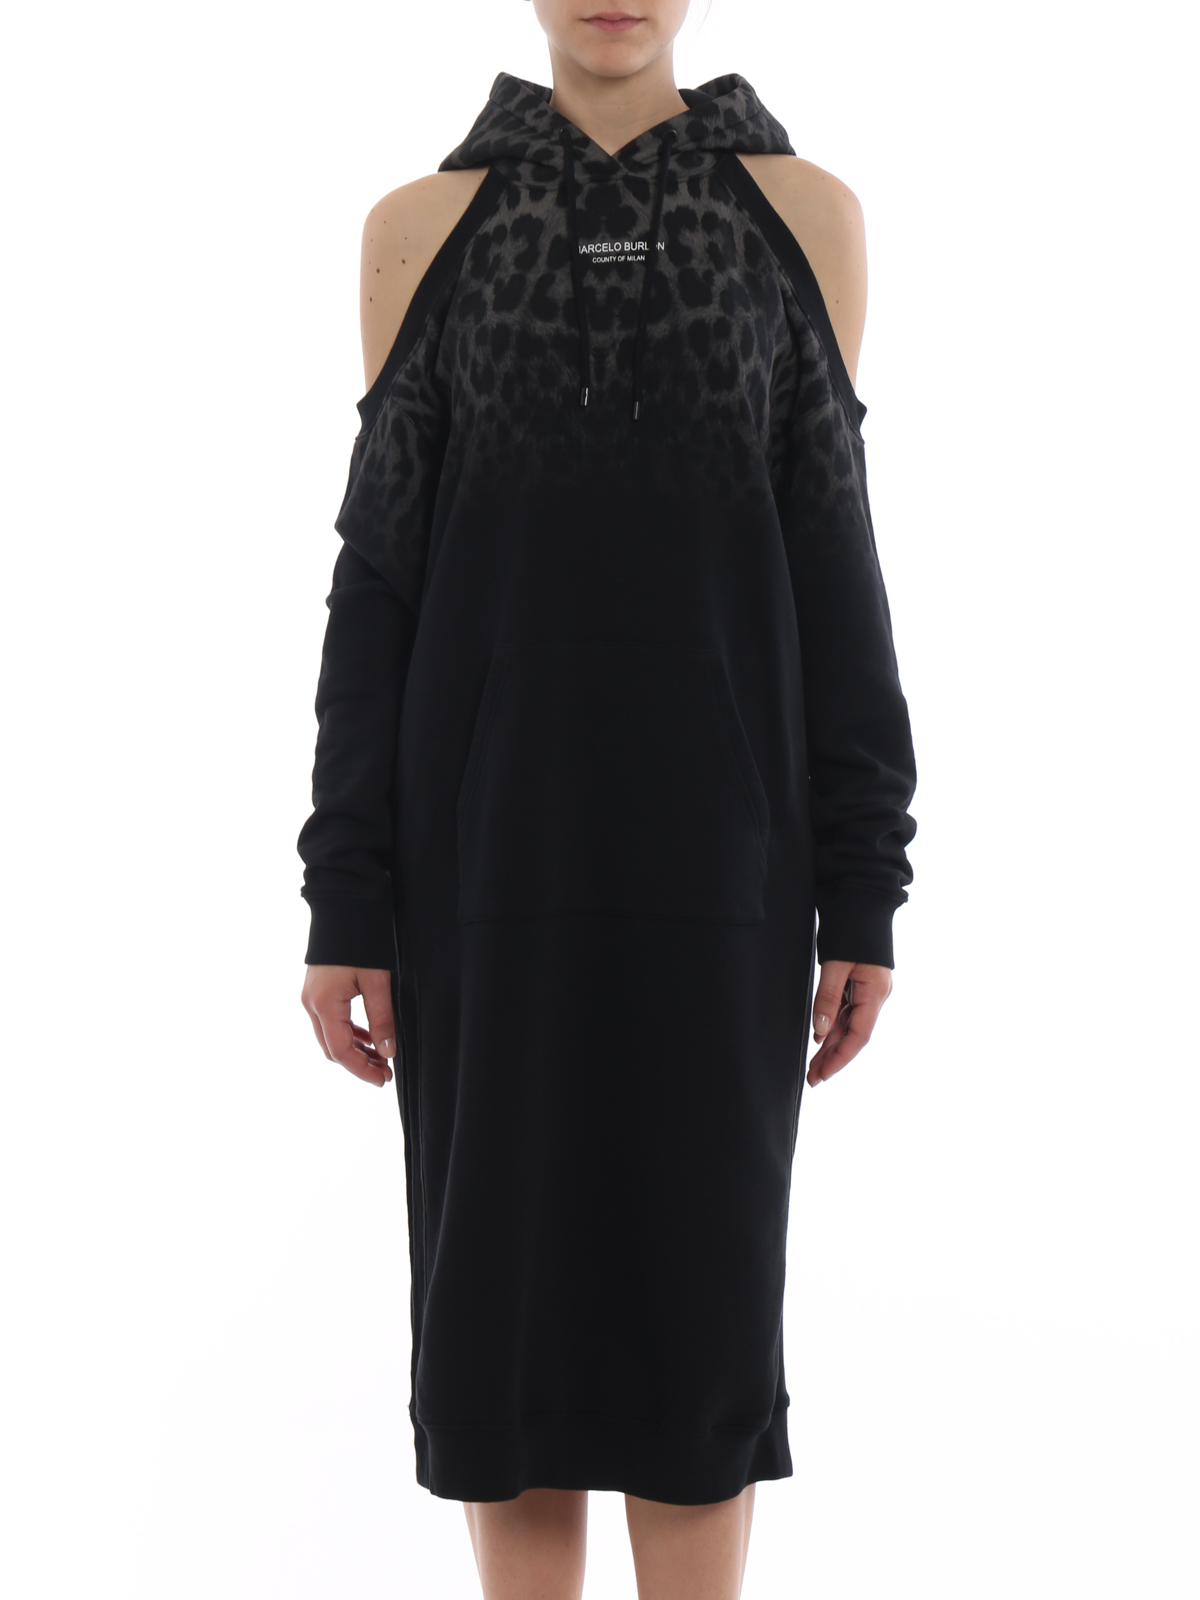 394a90f44 iKRIX-marcelo-burlon-knee-length-dresses-gradient-leopard-hooded-dress-00000130097f00s013.jpg